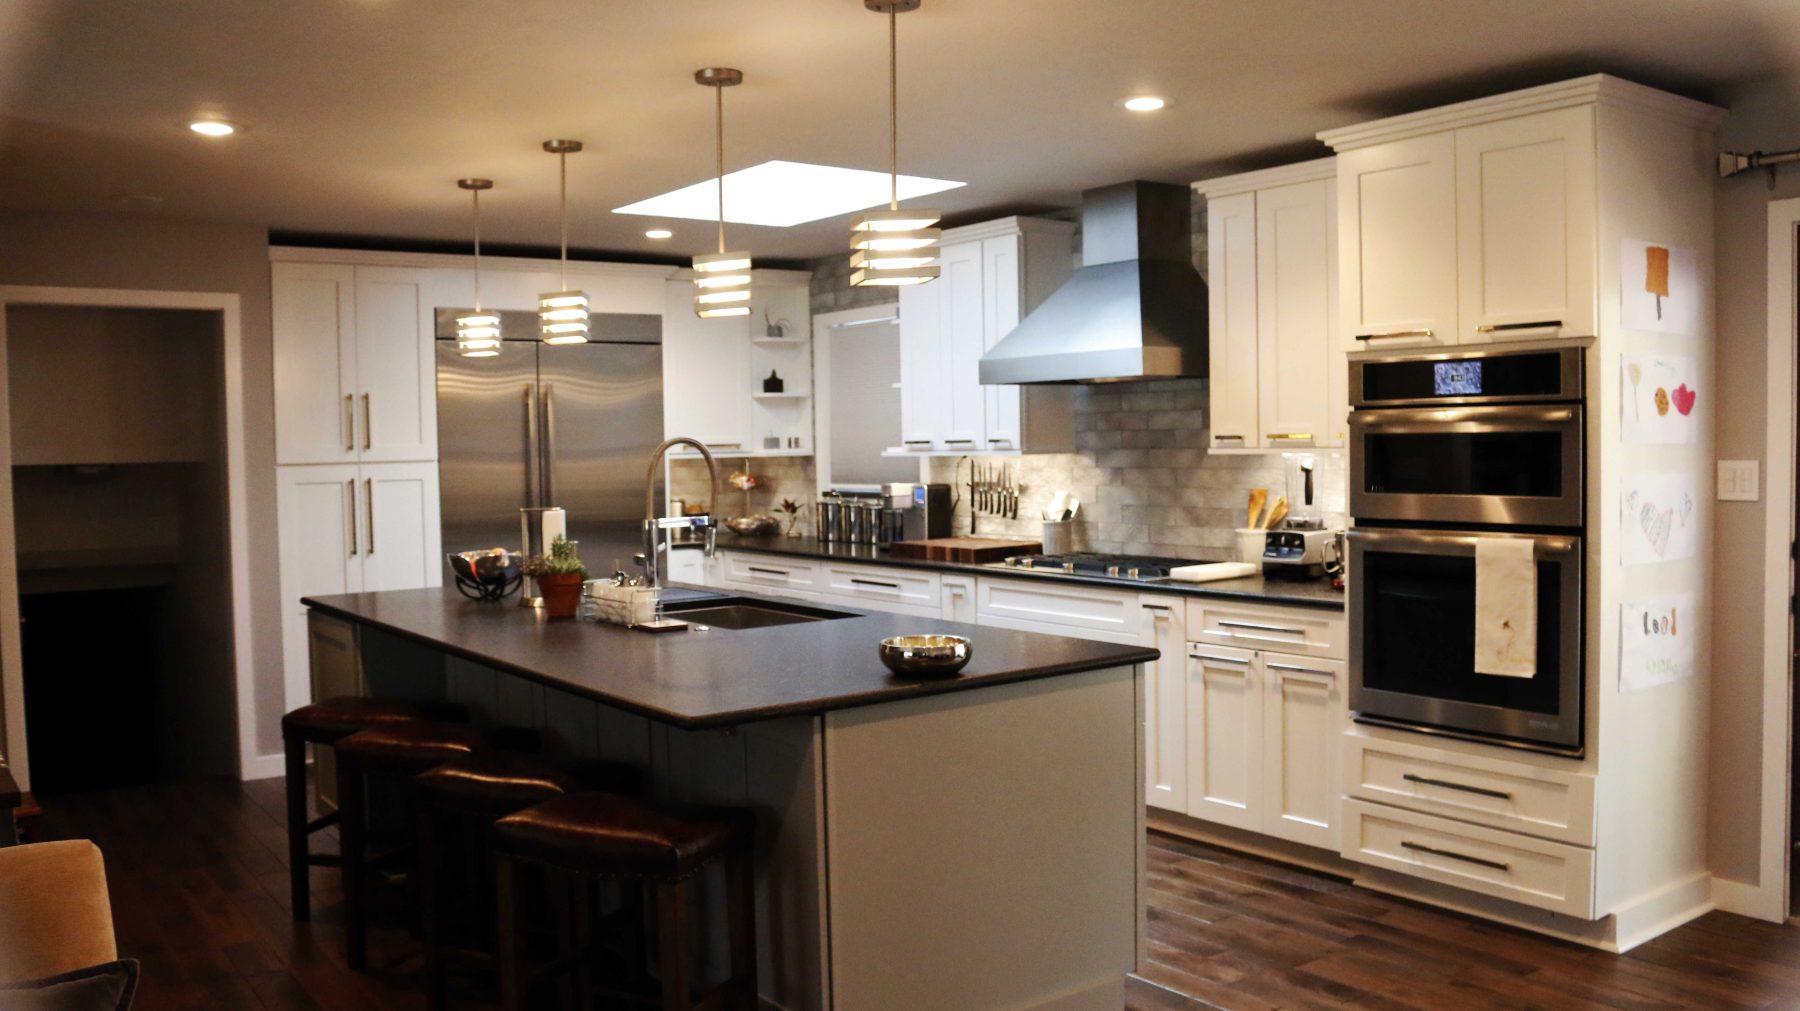 Standard kitchen bath waypoint white kitchen for Typical kitchen